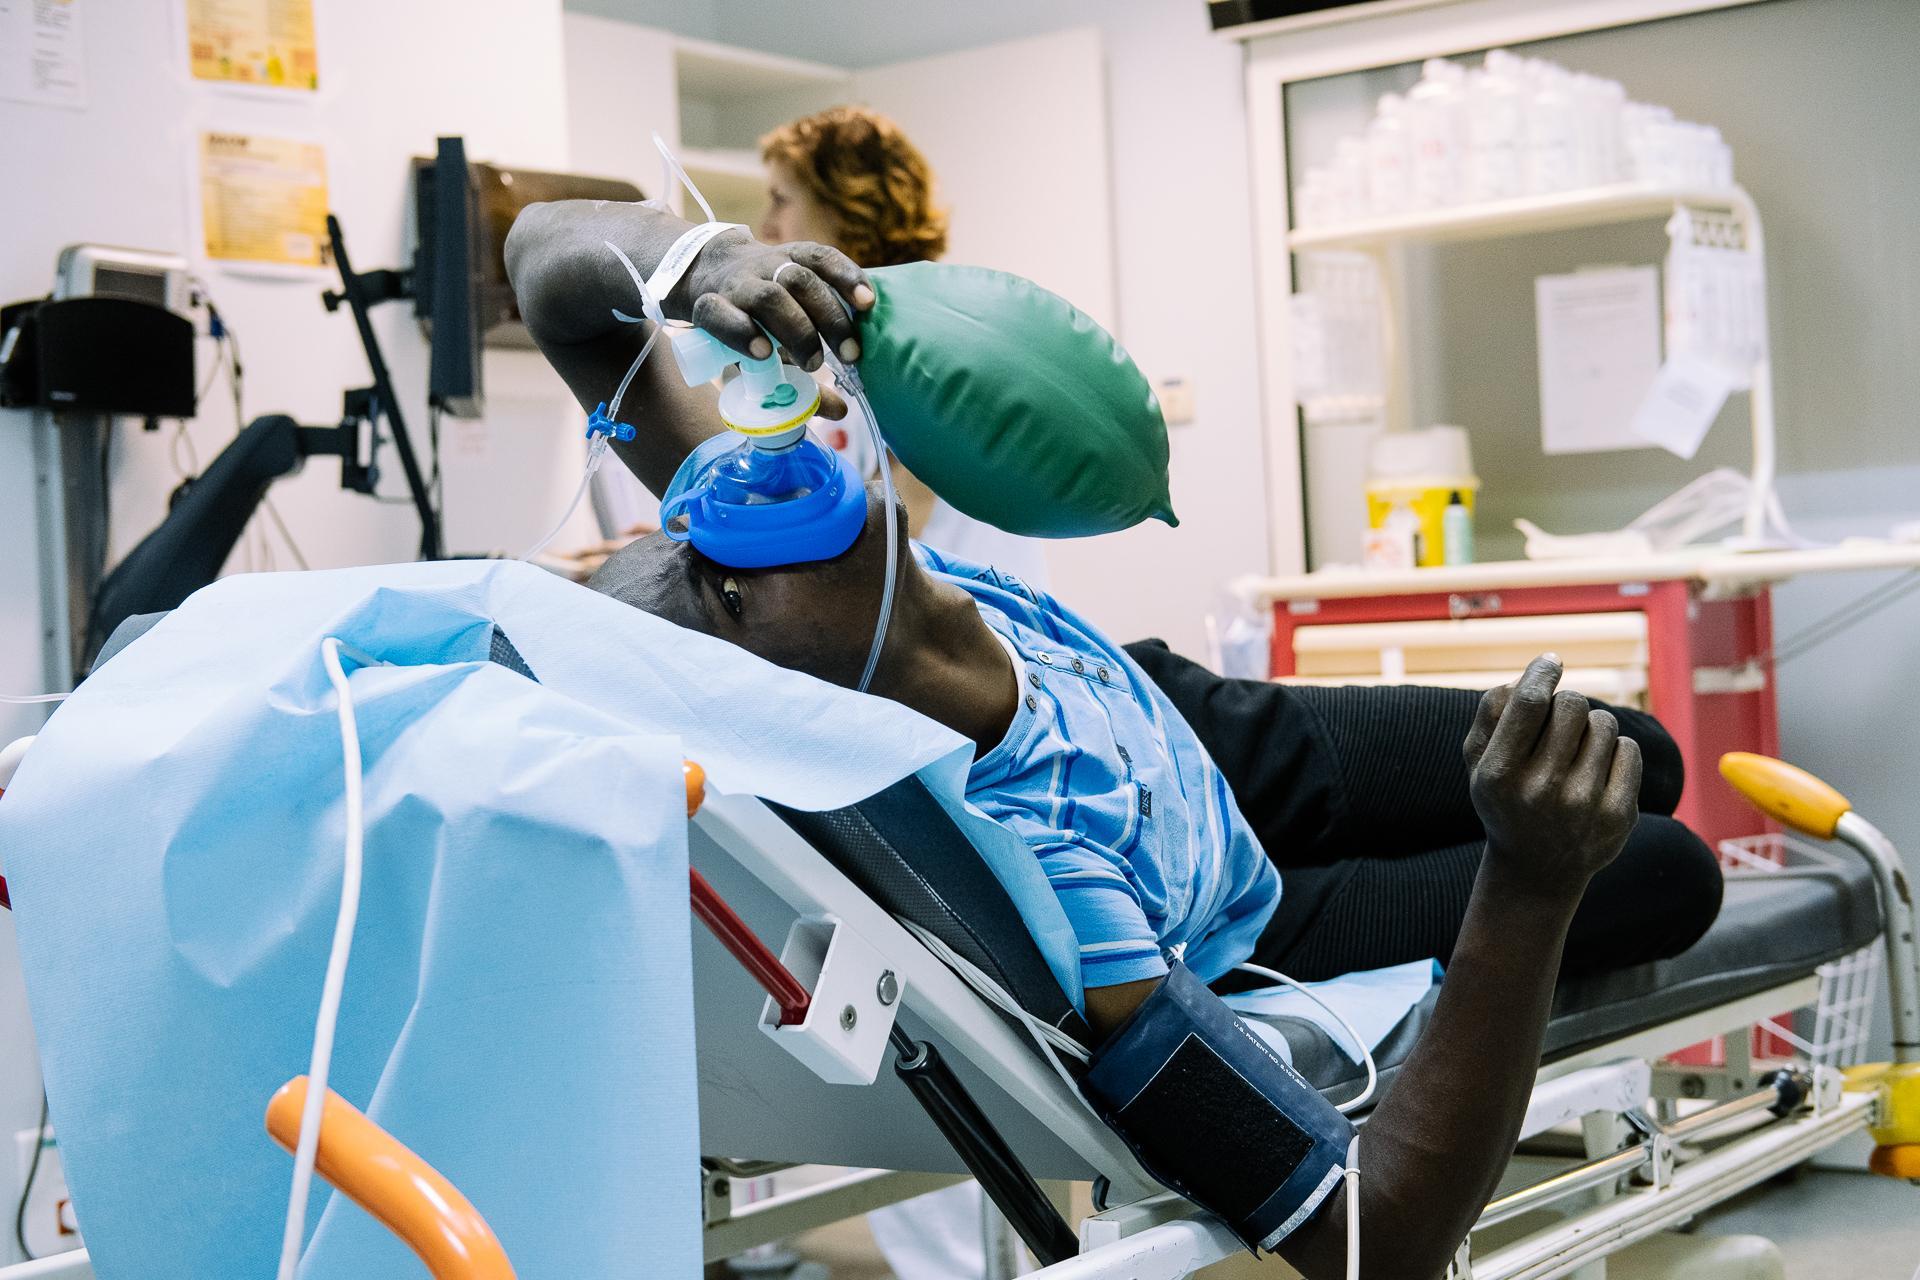 Ce jeune patient souffre de drépanocytose, une maladie particulièrement fréquente à Mayotte.